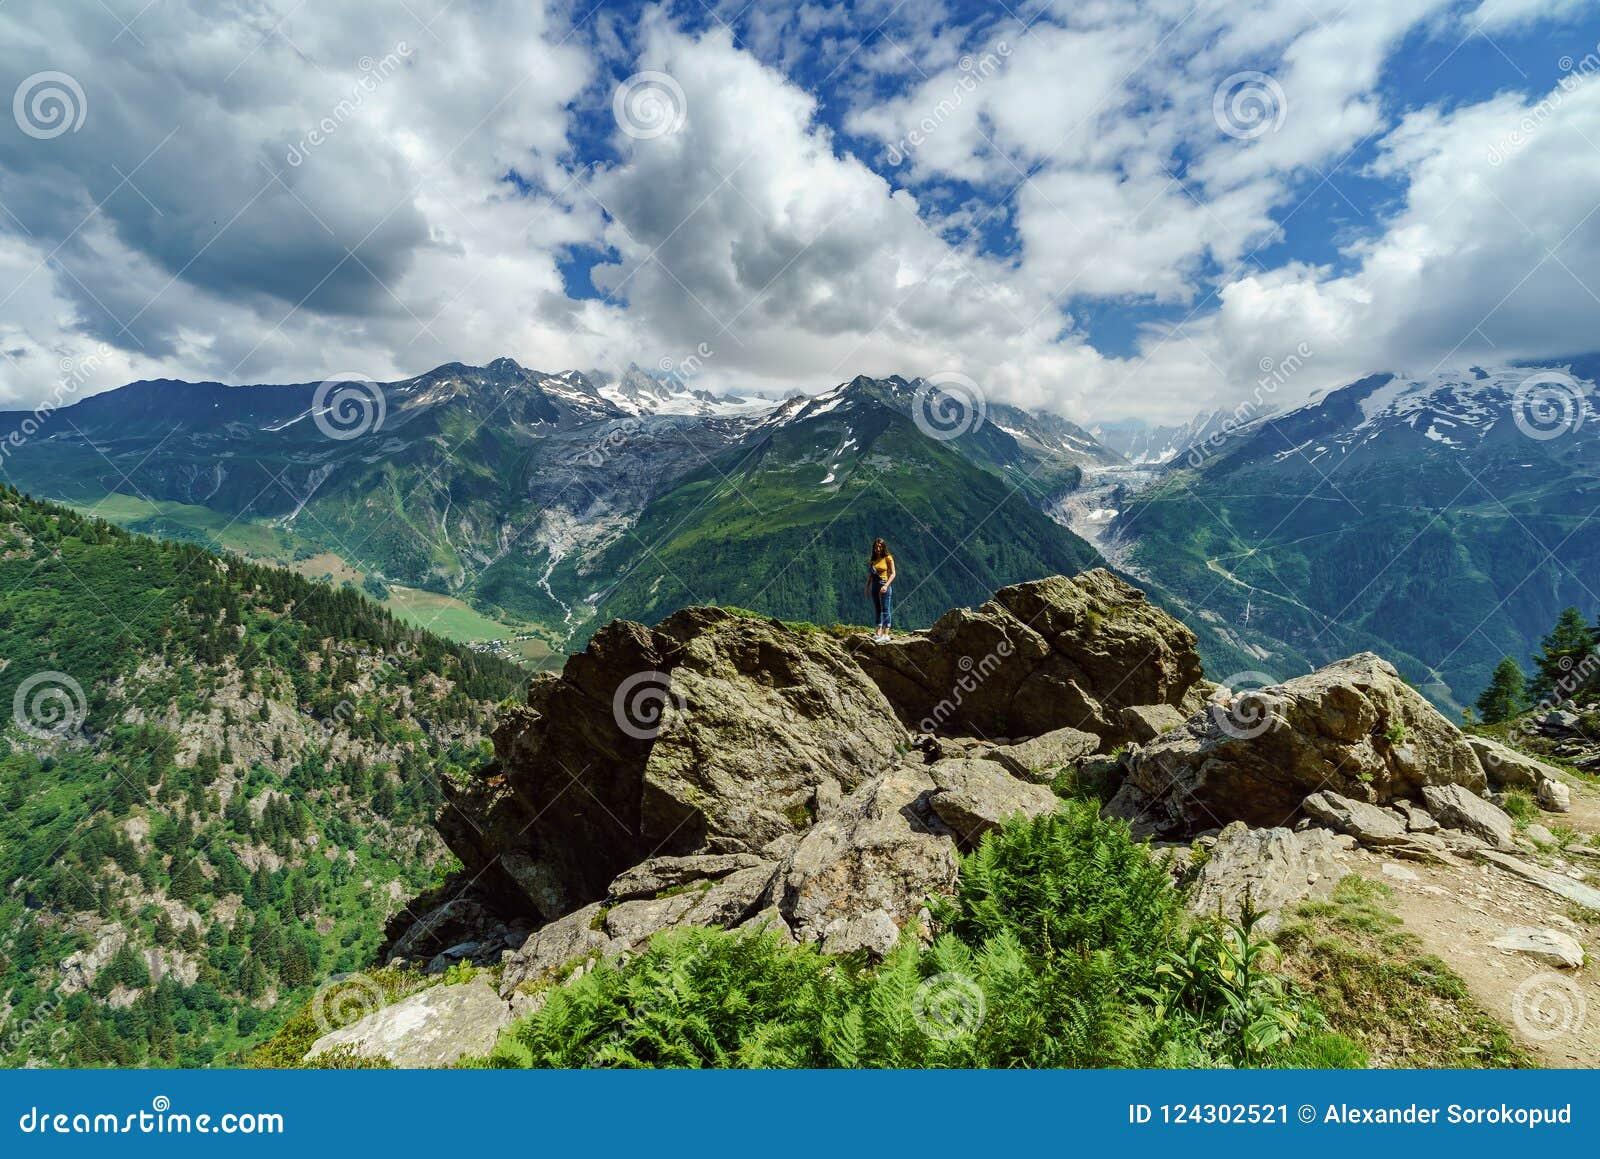 Adolescente joven que presenta en piedra grande en las montañas